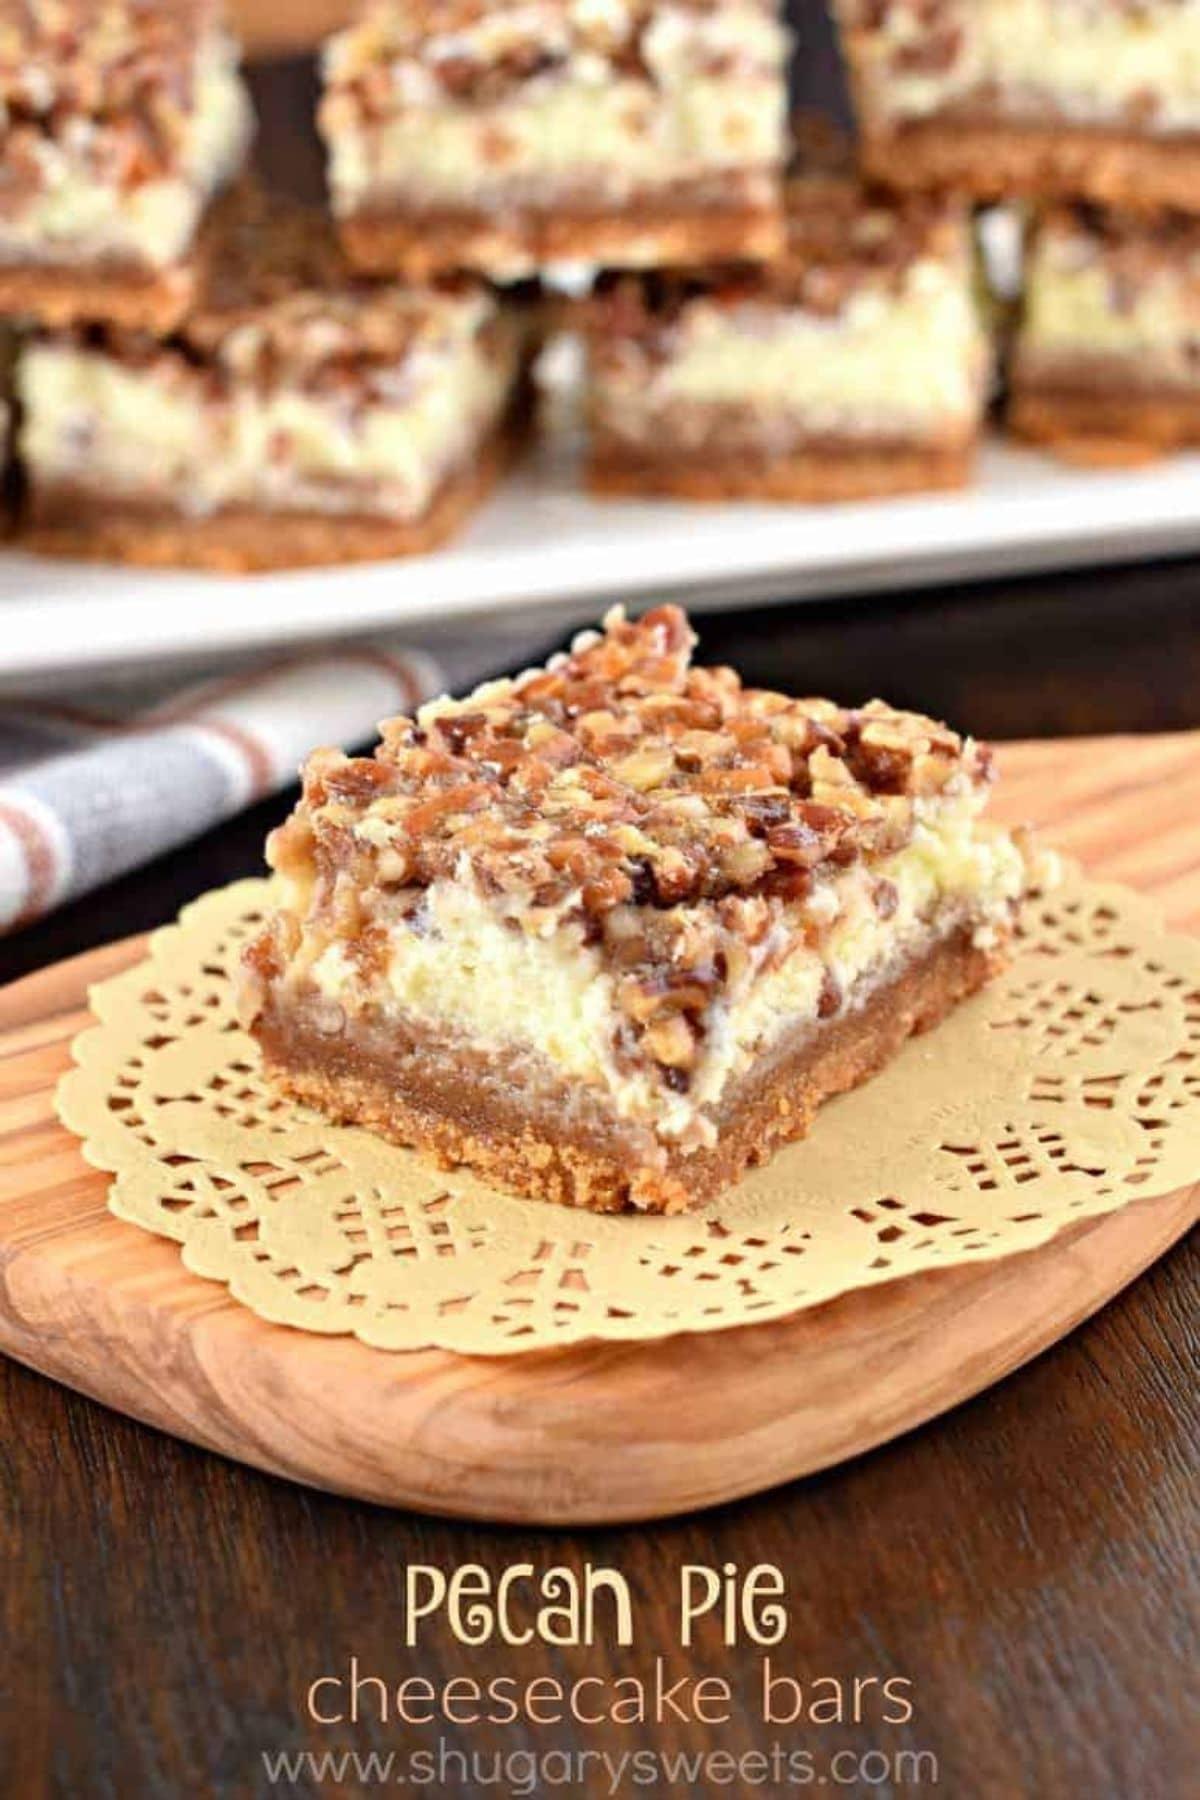 Dessert bar on doily on cutting board